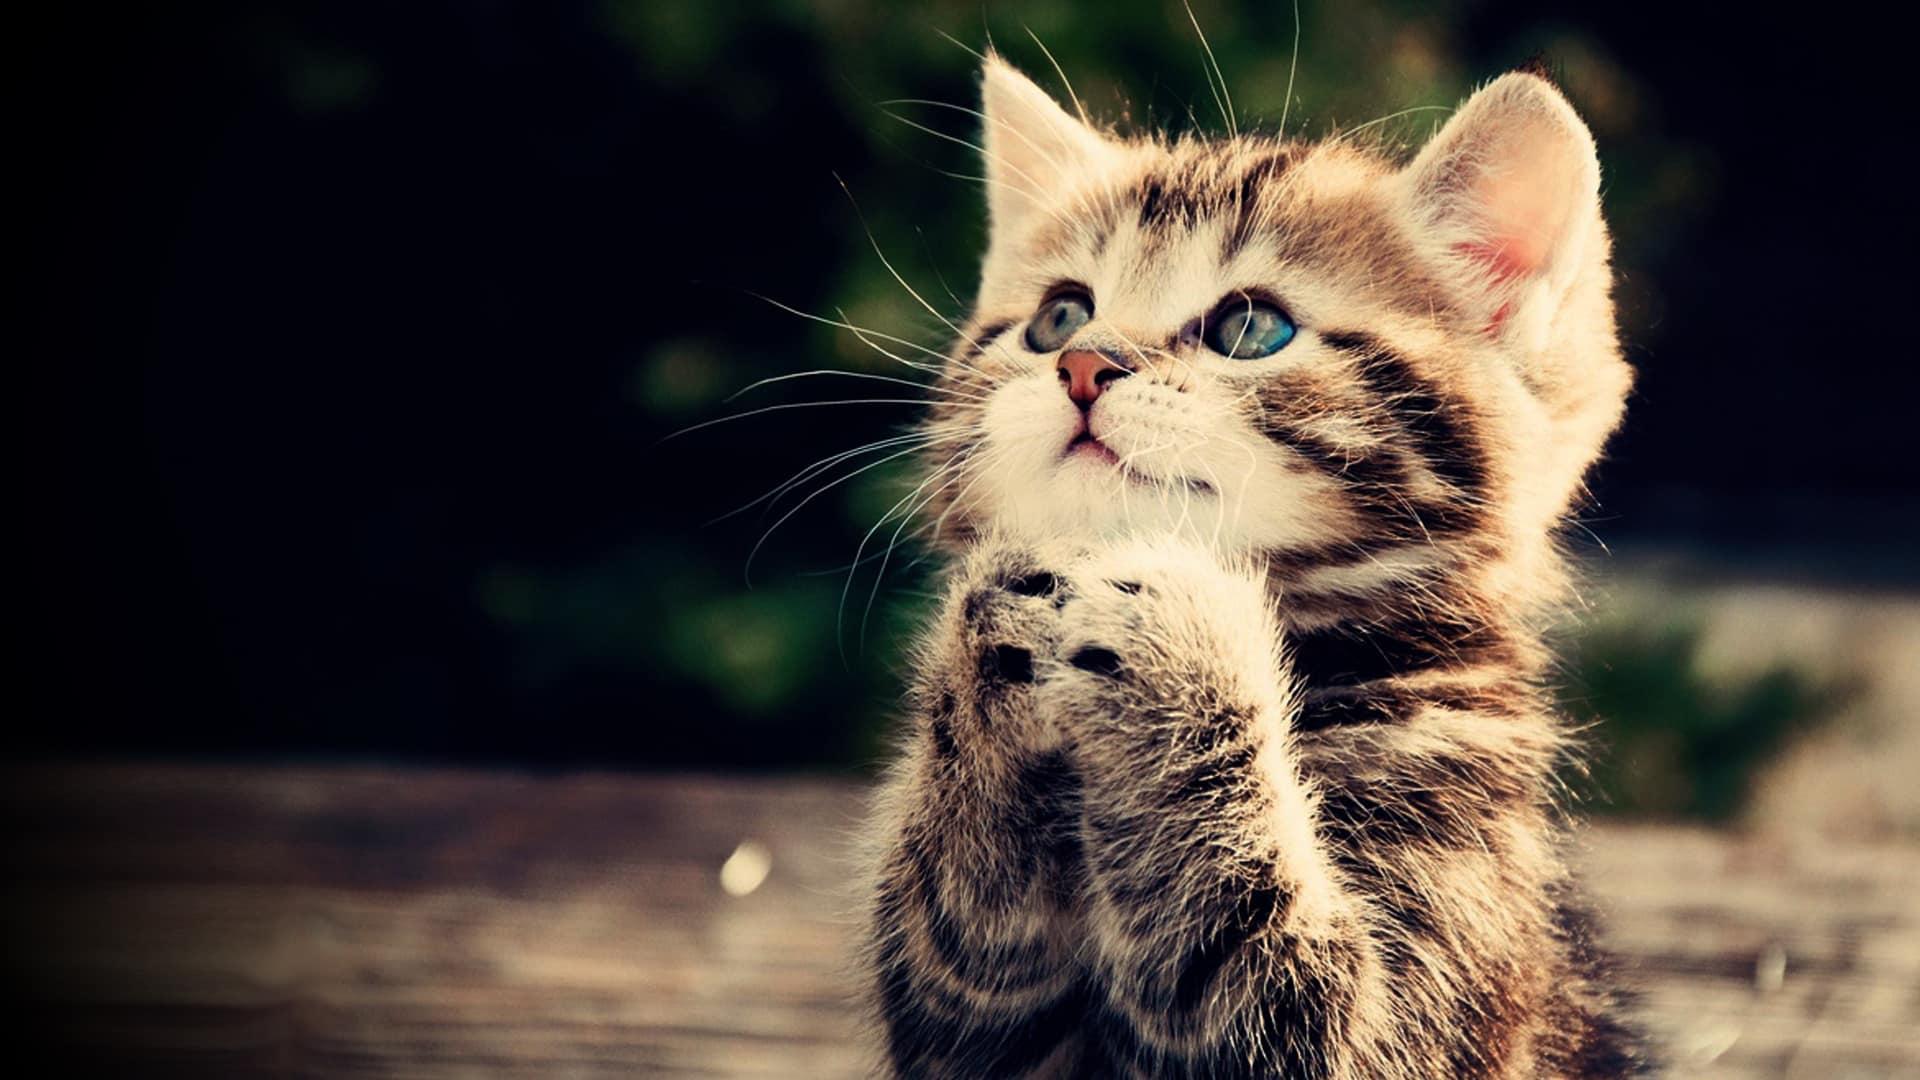 أسماء قطط بنات أجنبية